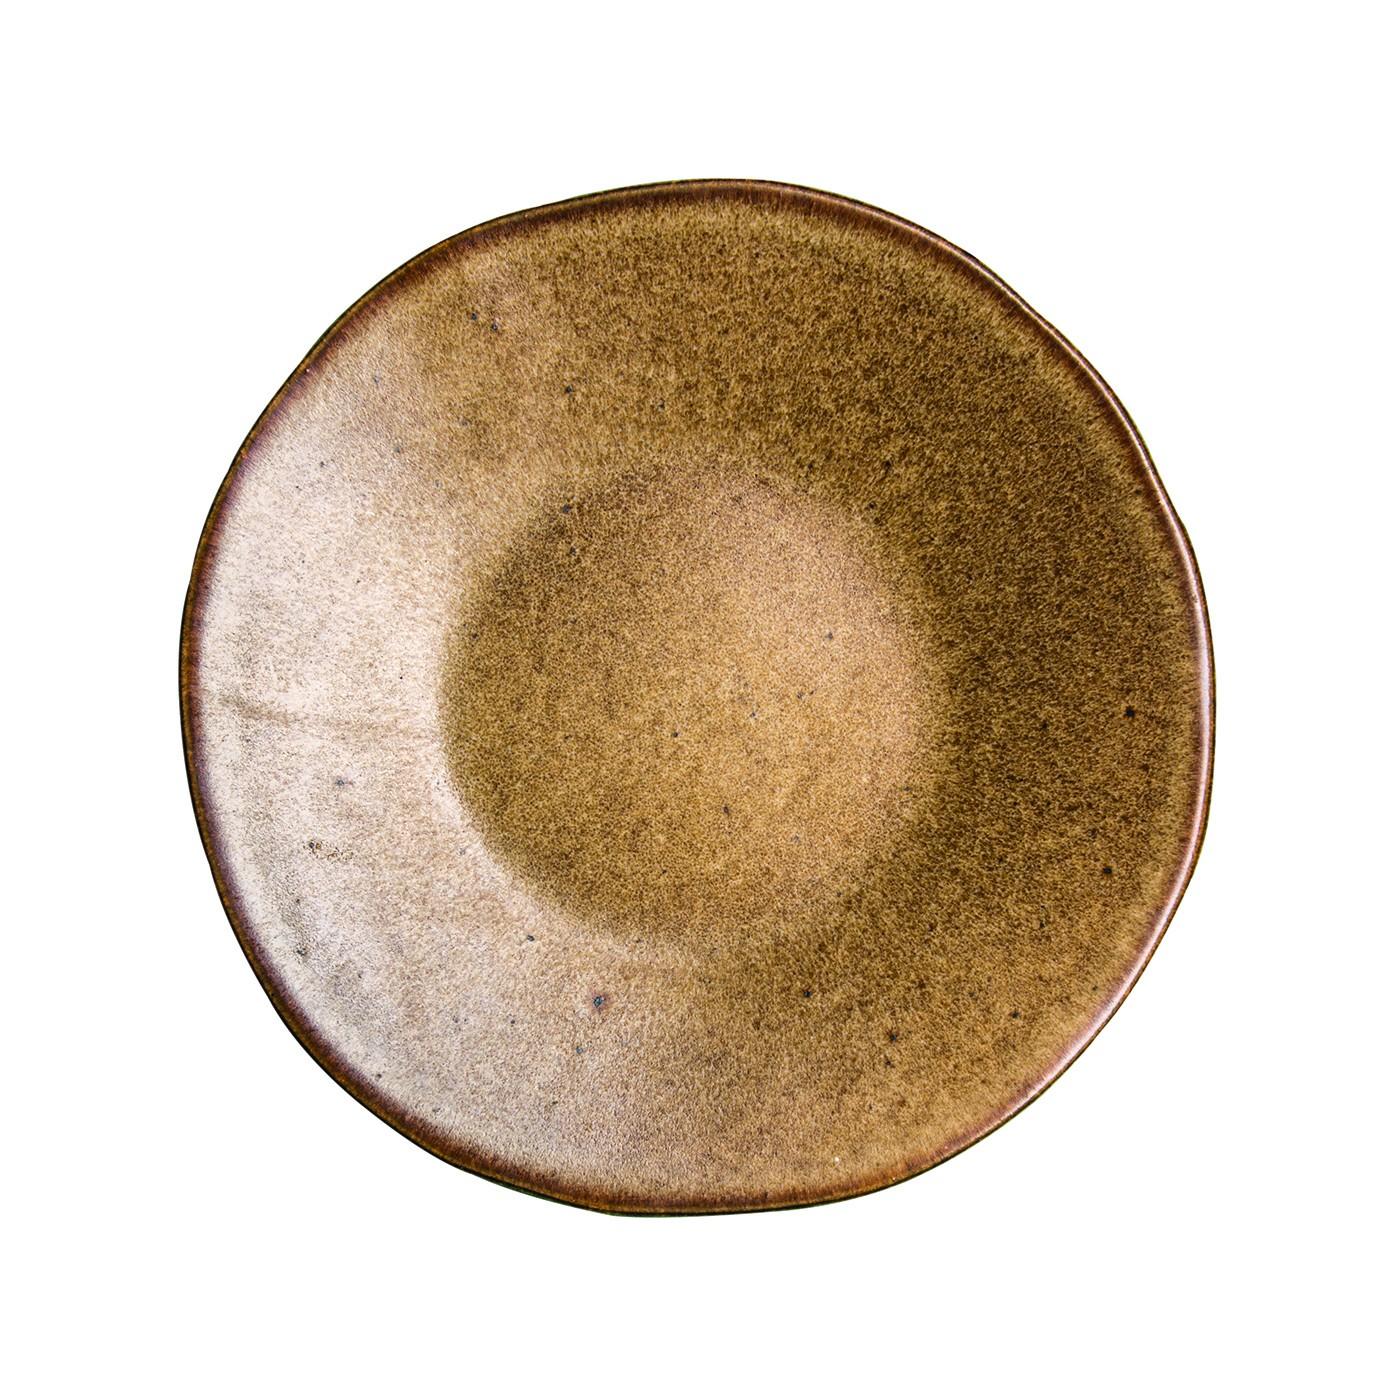 Rustico Natura lateral 16cm Plate